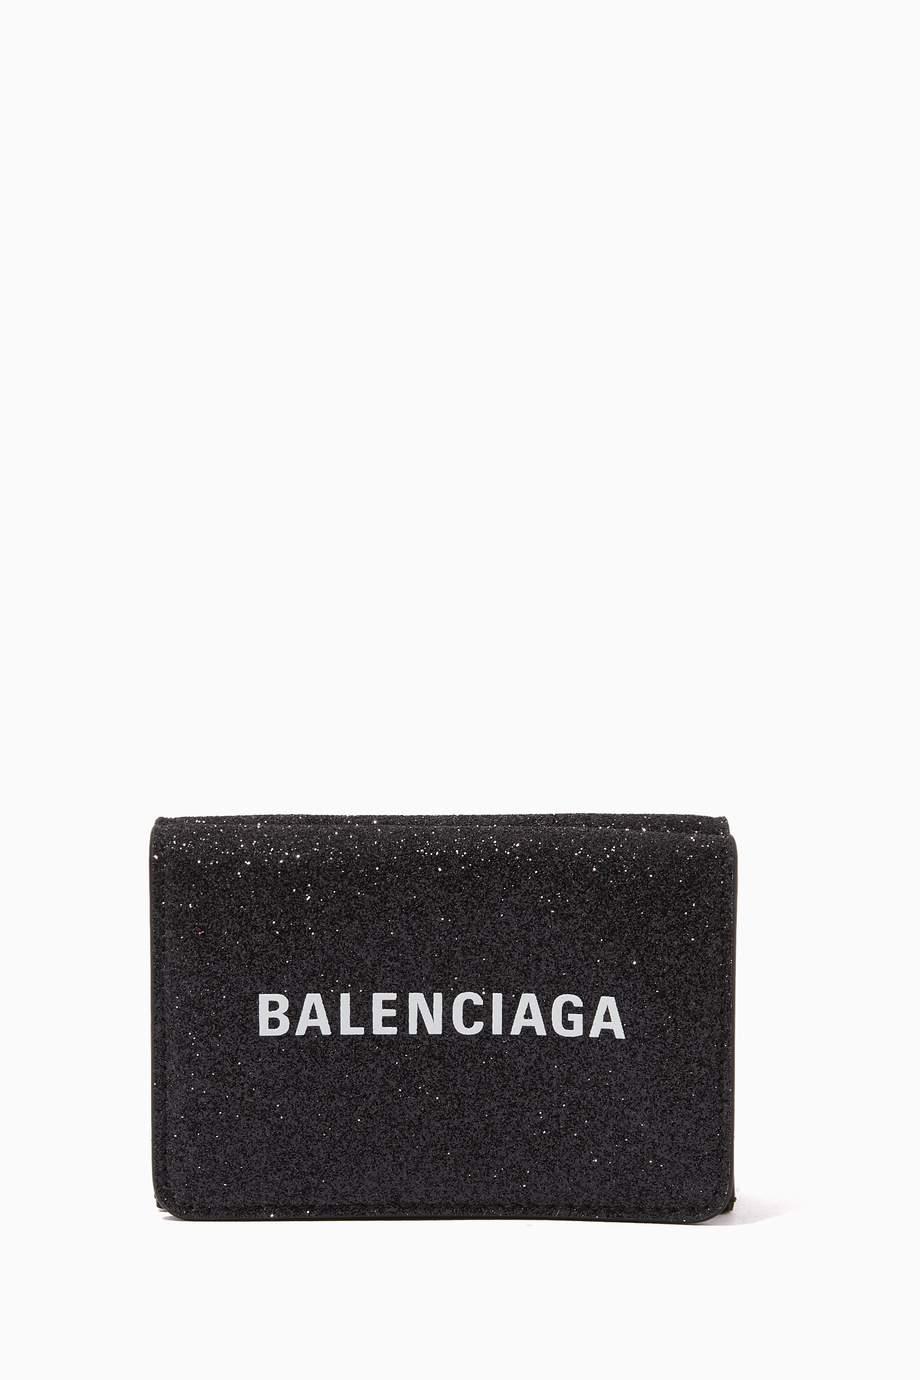 محفظة جلد مزين بالغليتر ثلاثية الطيات وشعار الماركة